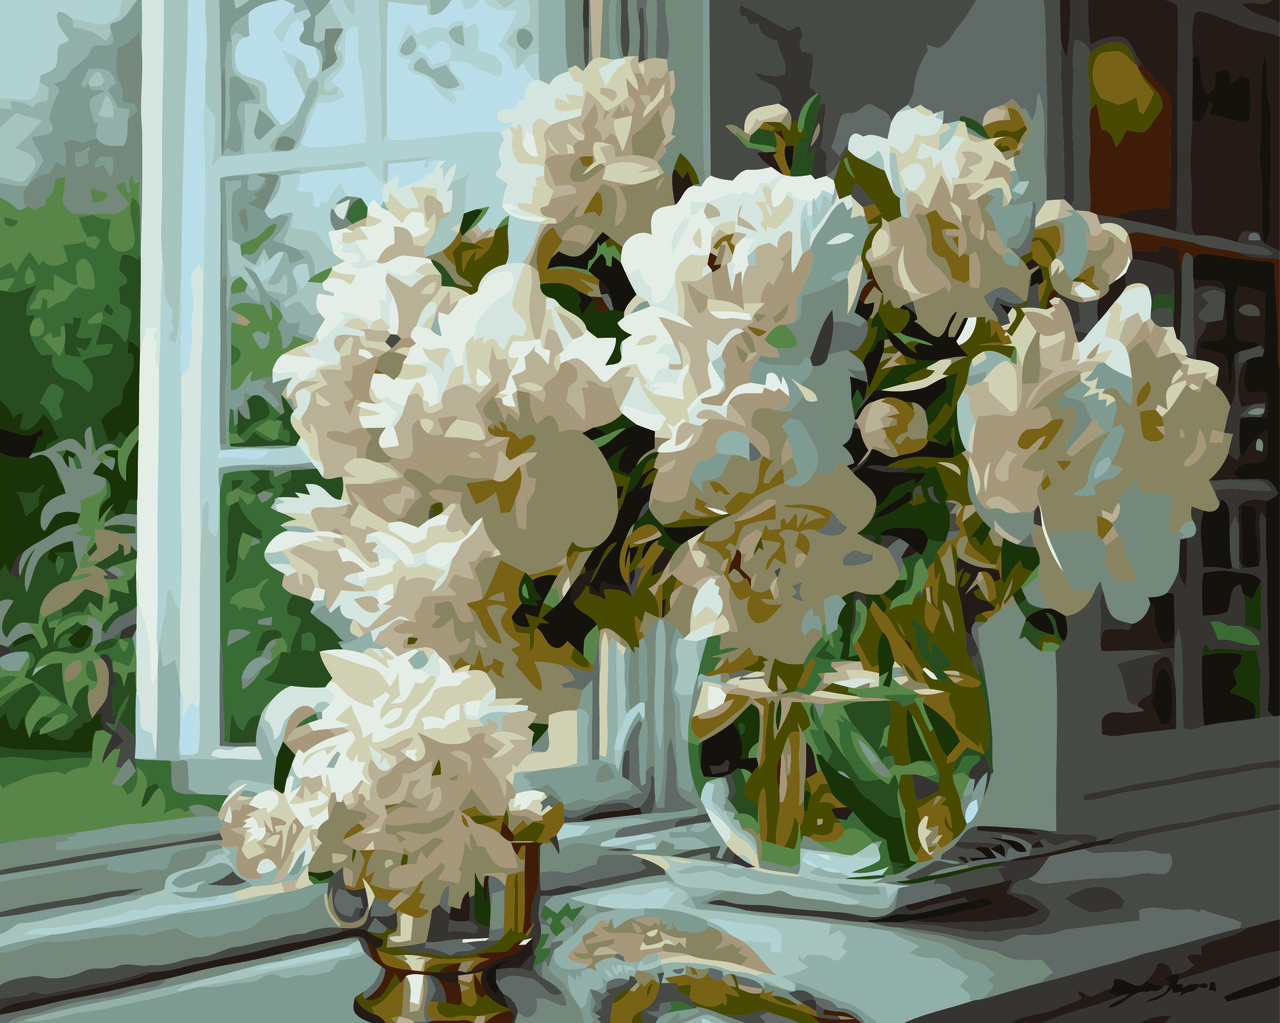 Картина по номерам Пионы на окне (Худ. Копания Збигнев), 40x50 см., Домашнее искусство